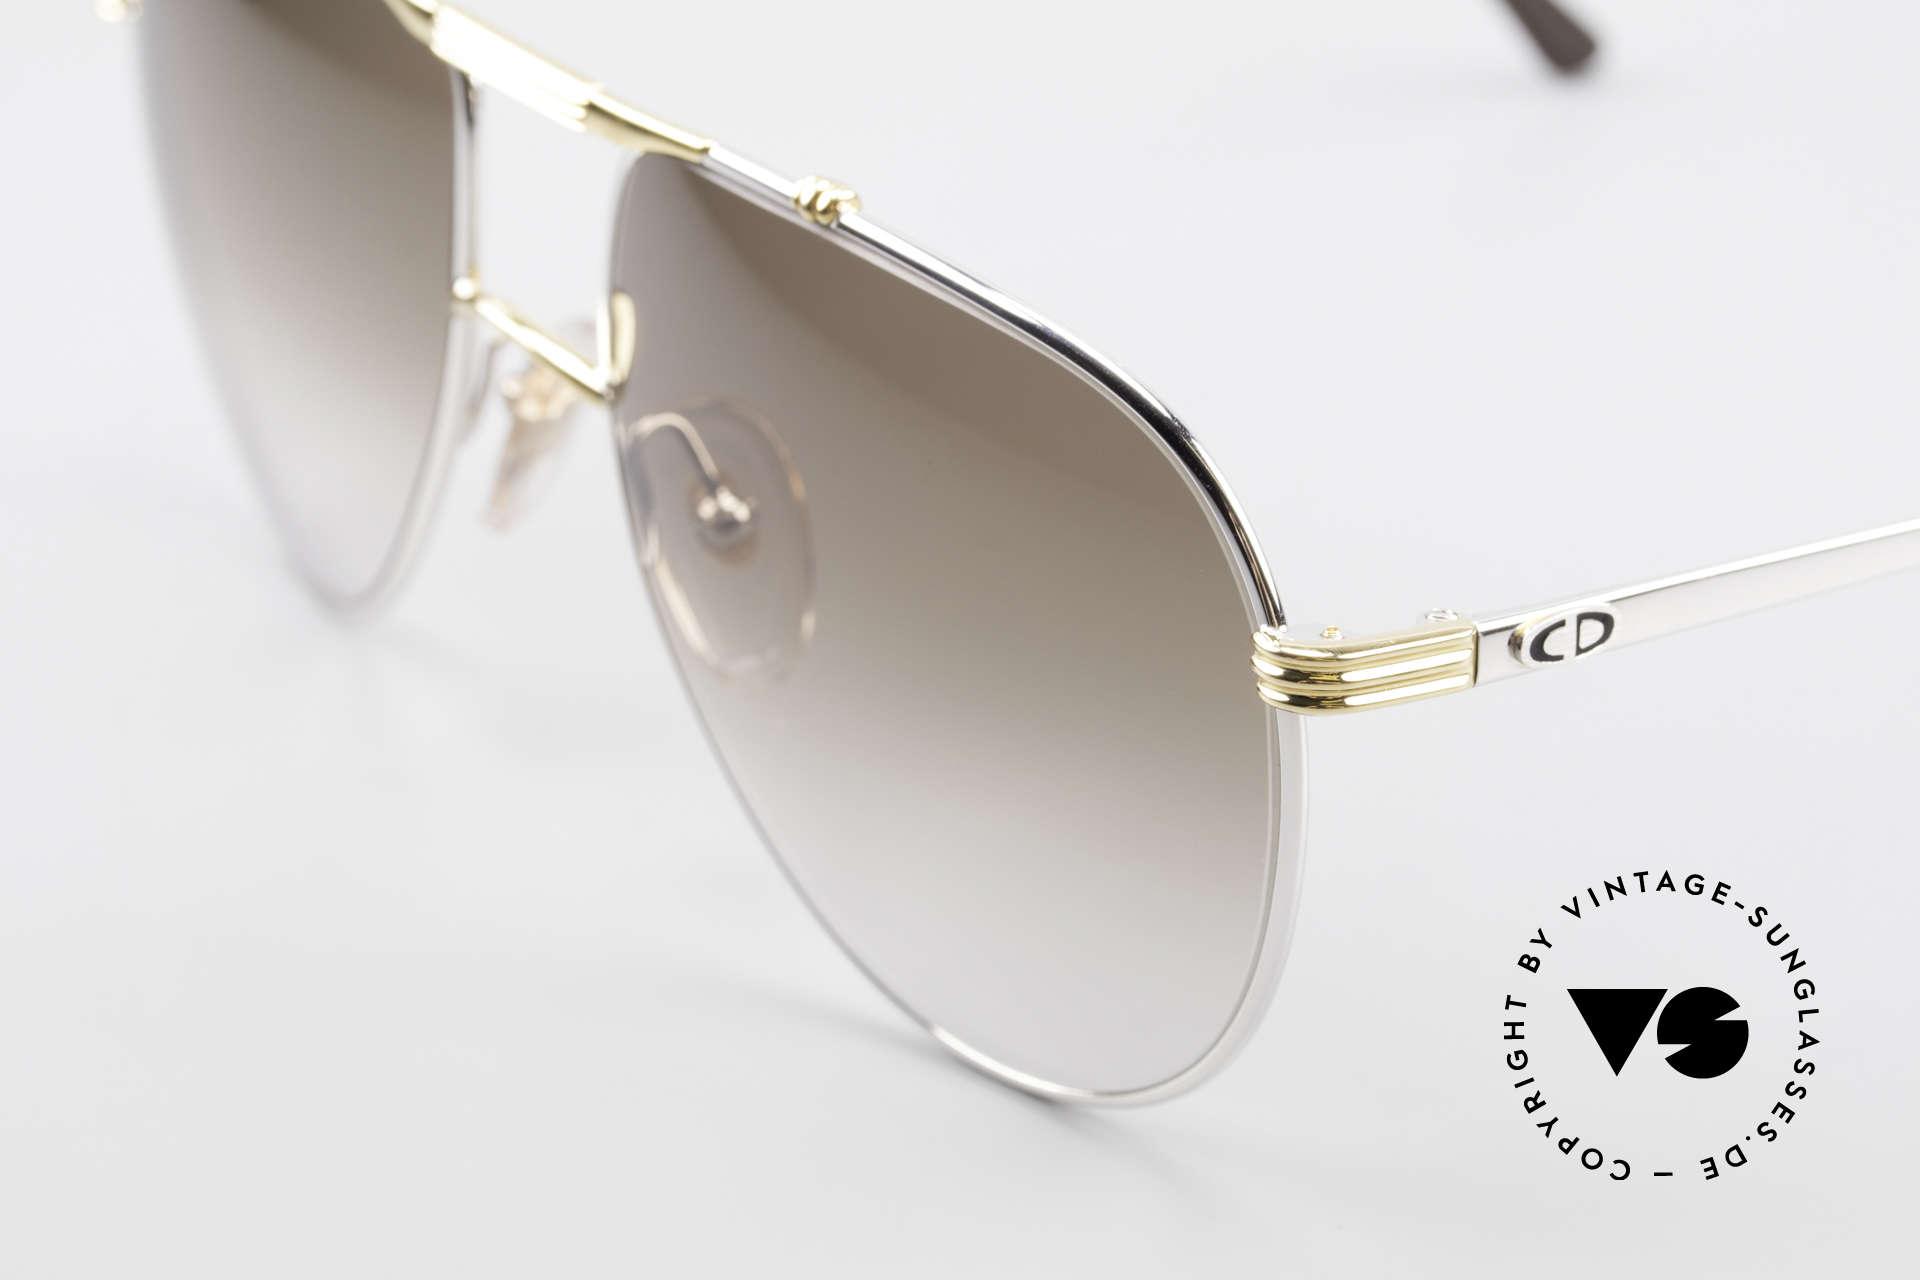 Christian Dior 2248 Large 80er Aviator Sonnenbrille, klassische Pilotenform in LARGE 58-17 (140mm breit), Passend für Herren